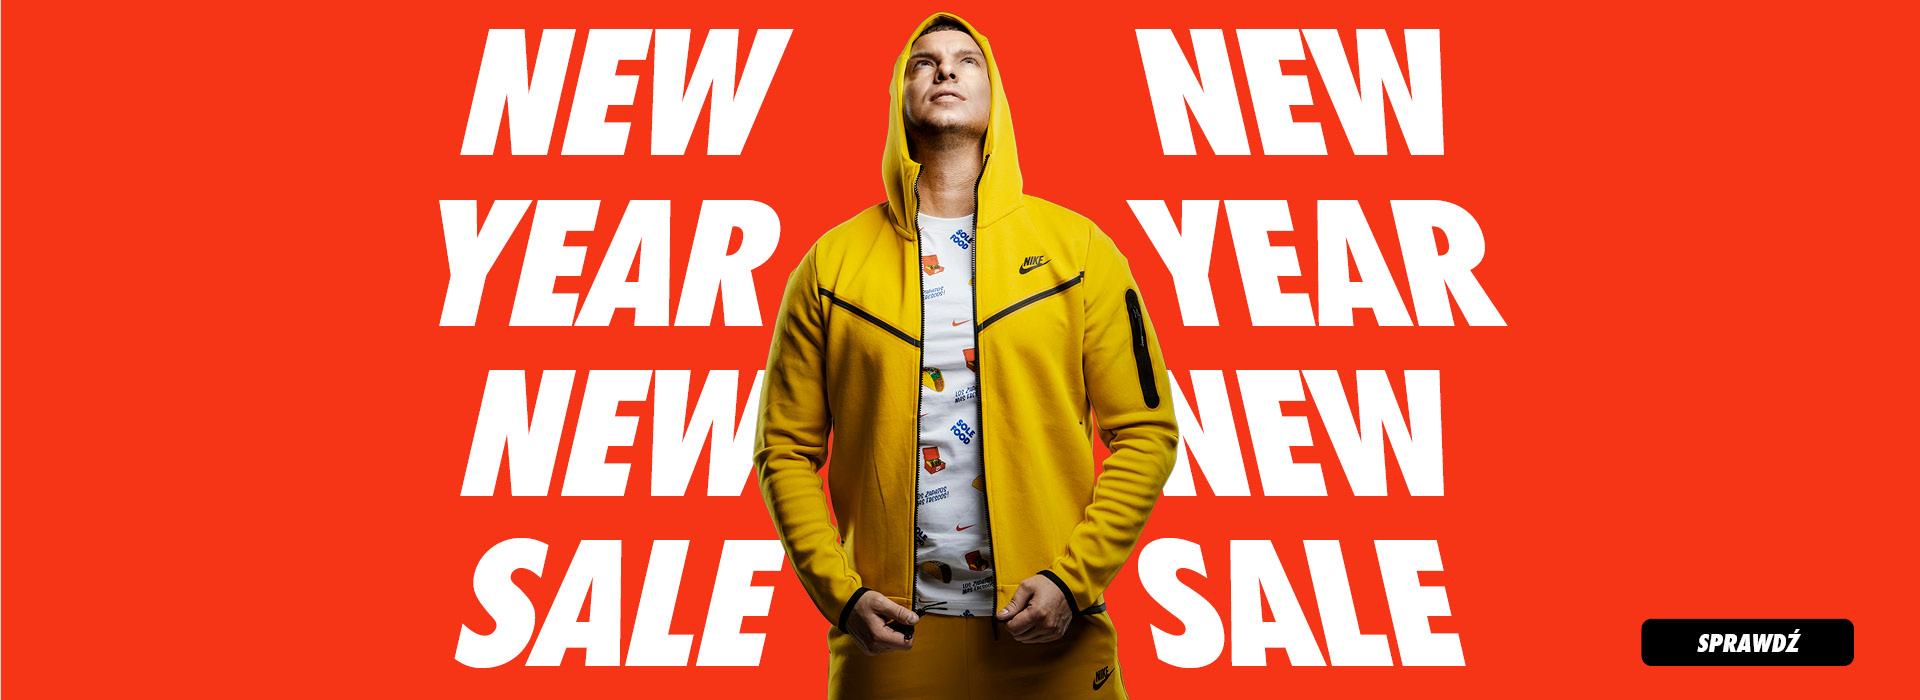 Adrenaline: wyprzedaż do 50% zniżki na odzież, obuwie i akcesoria sportowe znanych marek m.in. Nike, Adidas